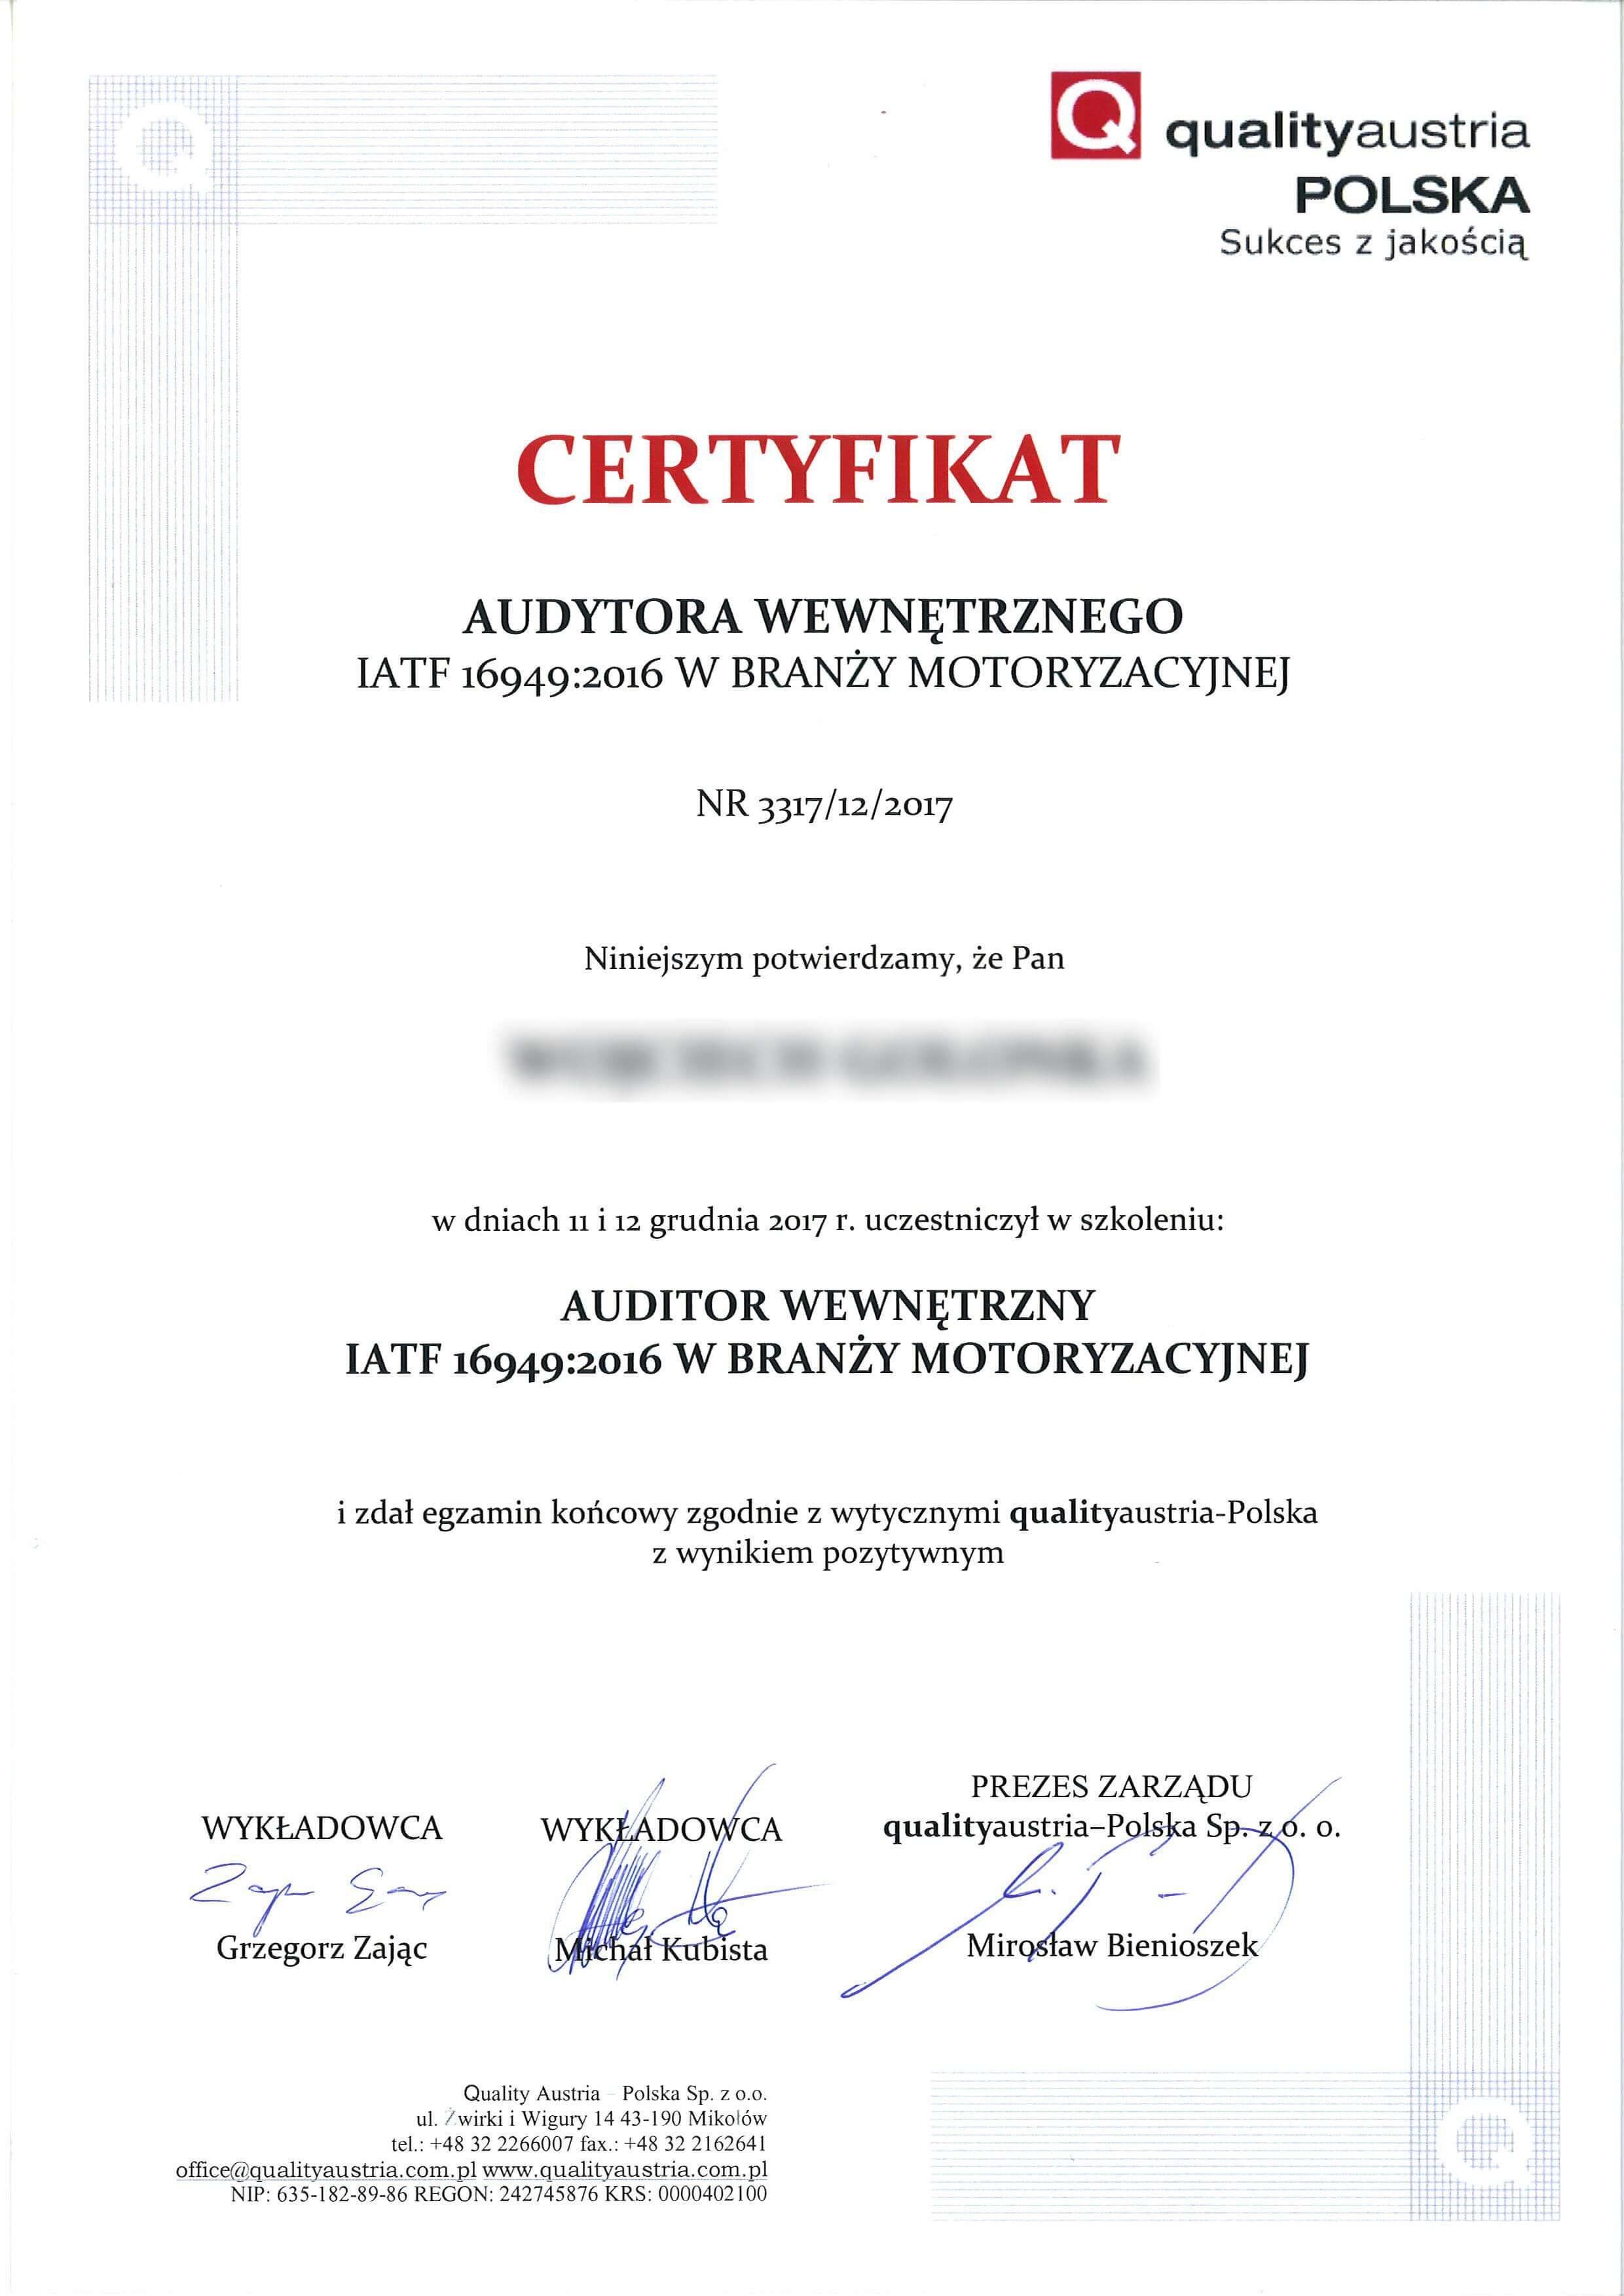 Certyfikat audytora zewnętrznego